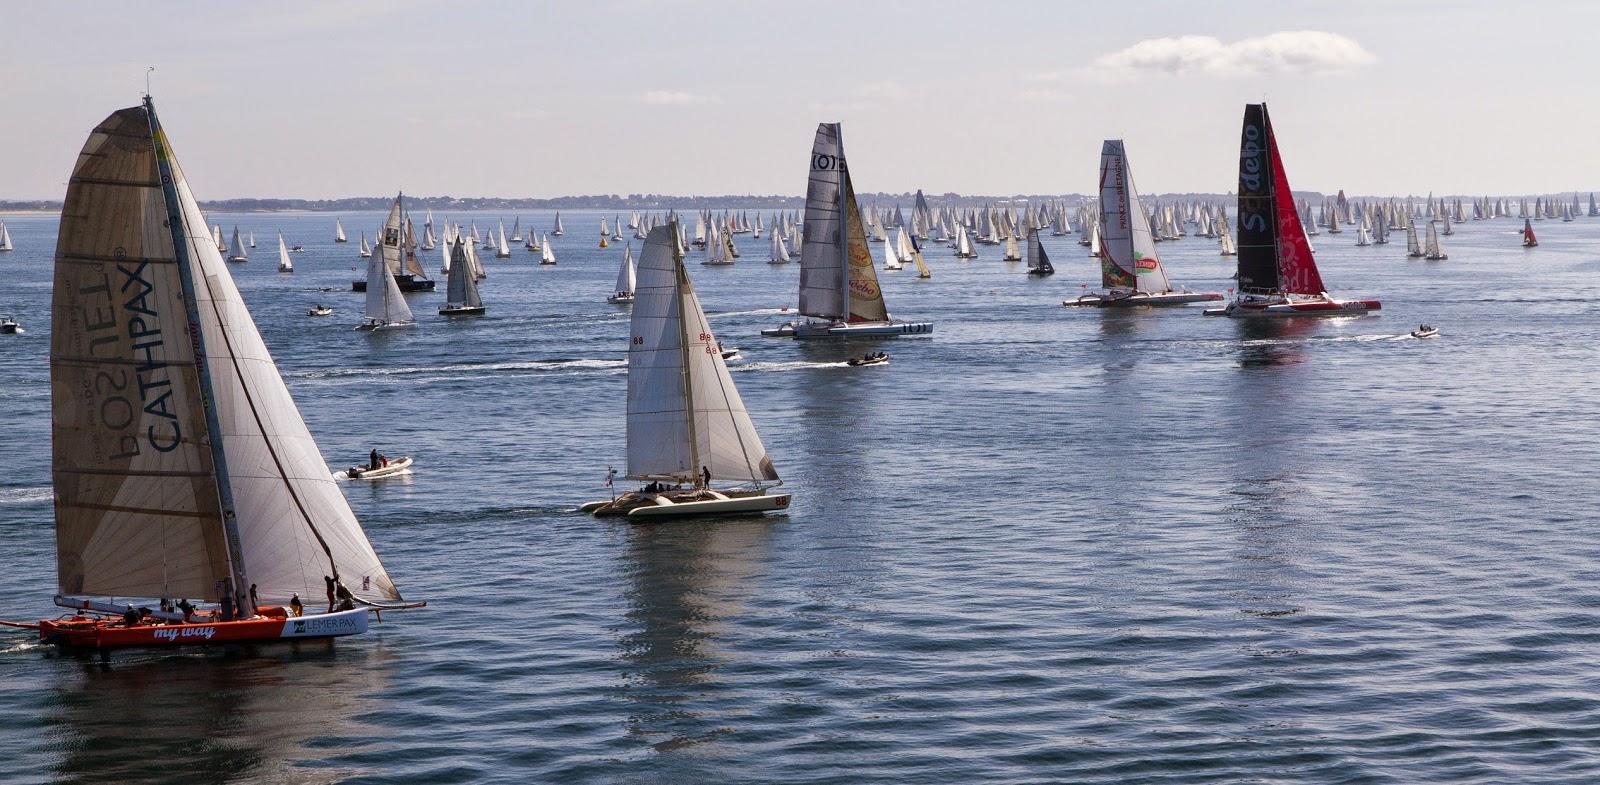 3000 marins sont attendus sur le Tour de Belle-Ile 2015.